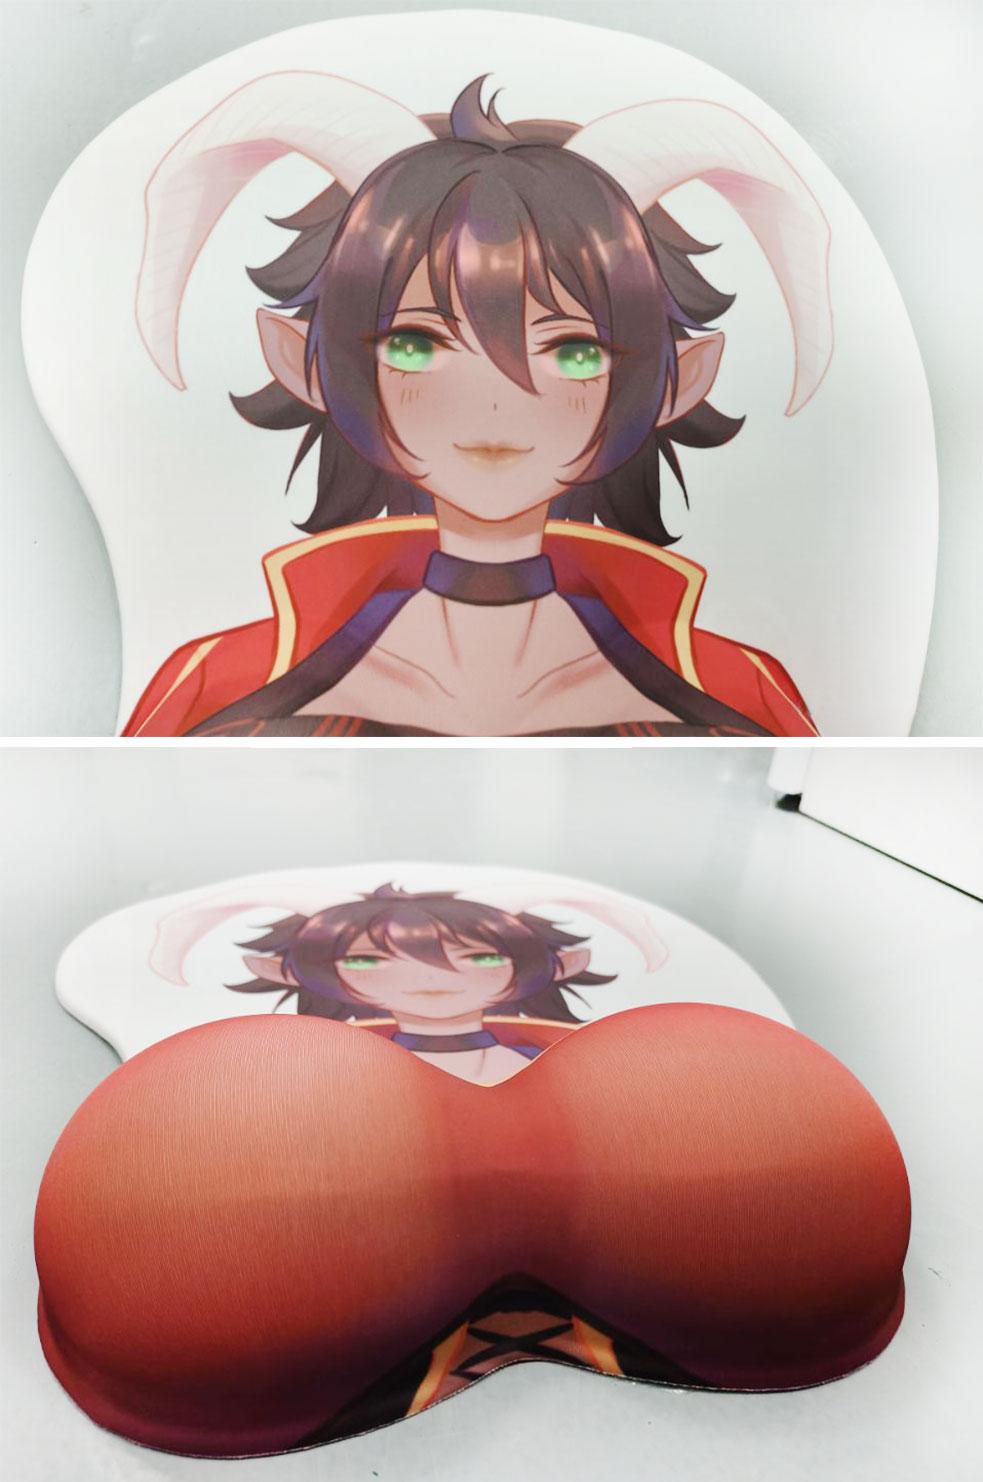 chloe life size oppai mousepad 2096 - Anime Mousepads